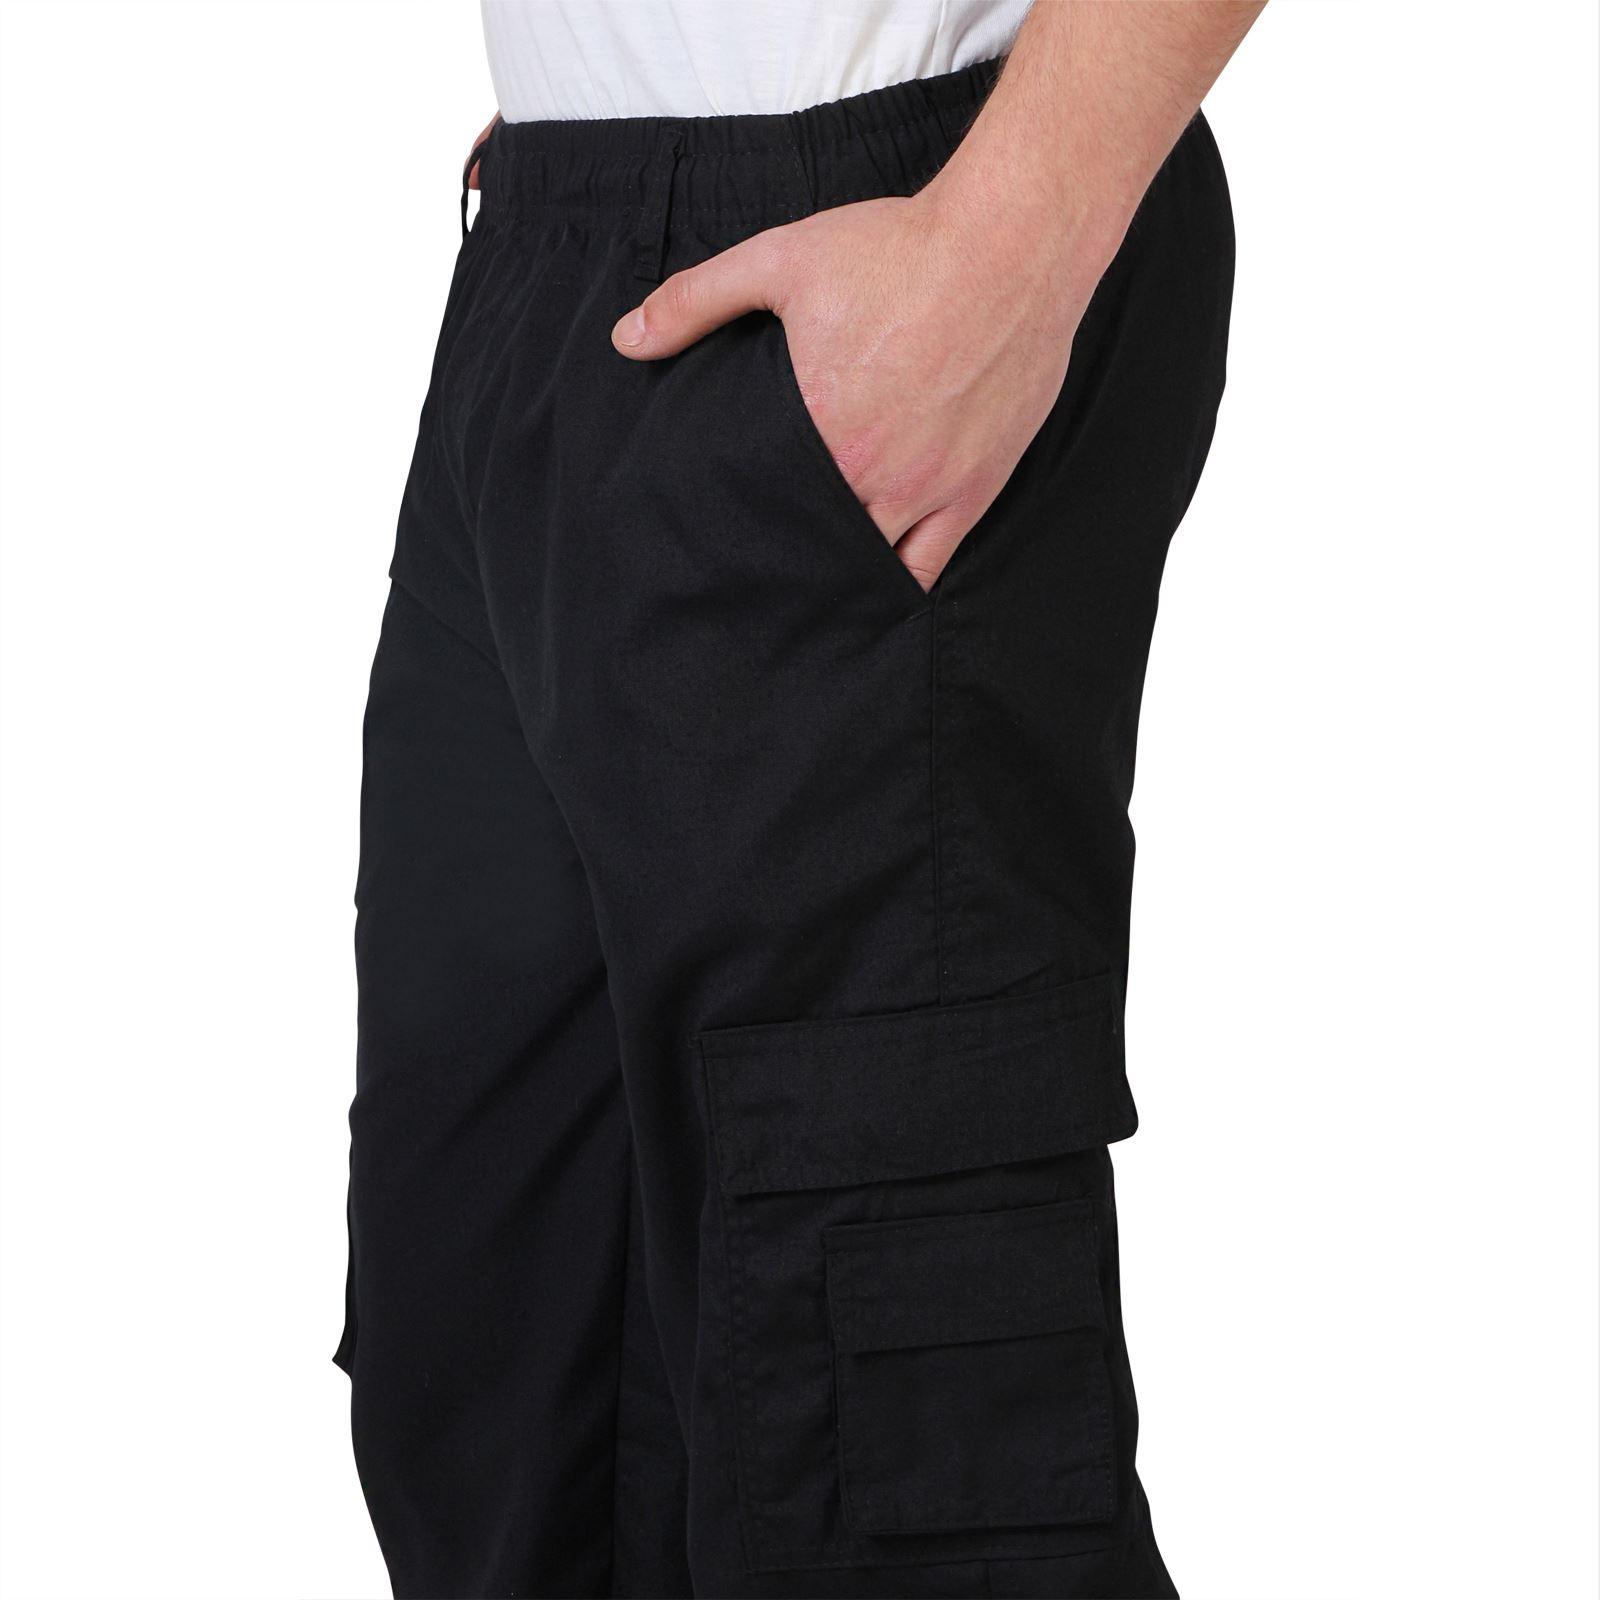 Uomo-Militare-Cargo-Pantaloni-Cotone-Lavoro-Chino-Casual-Kaki miniatura 6